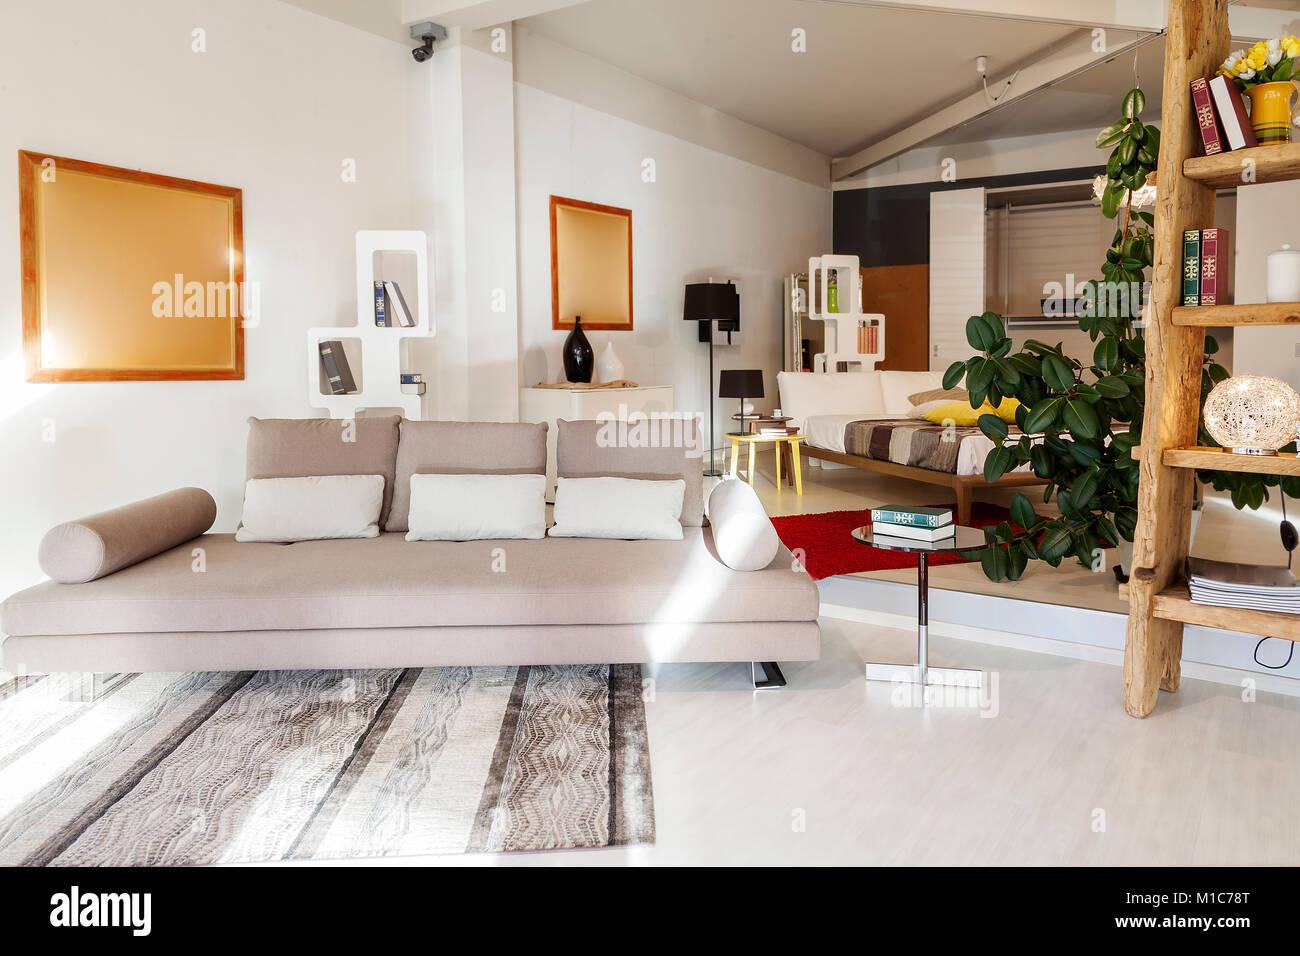 Moderno interior precioso apartamento en Nueva ubicación de lujo Imagen De Stock